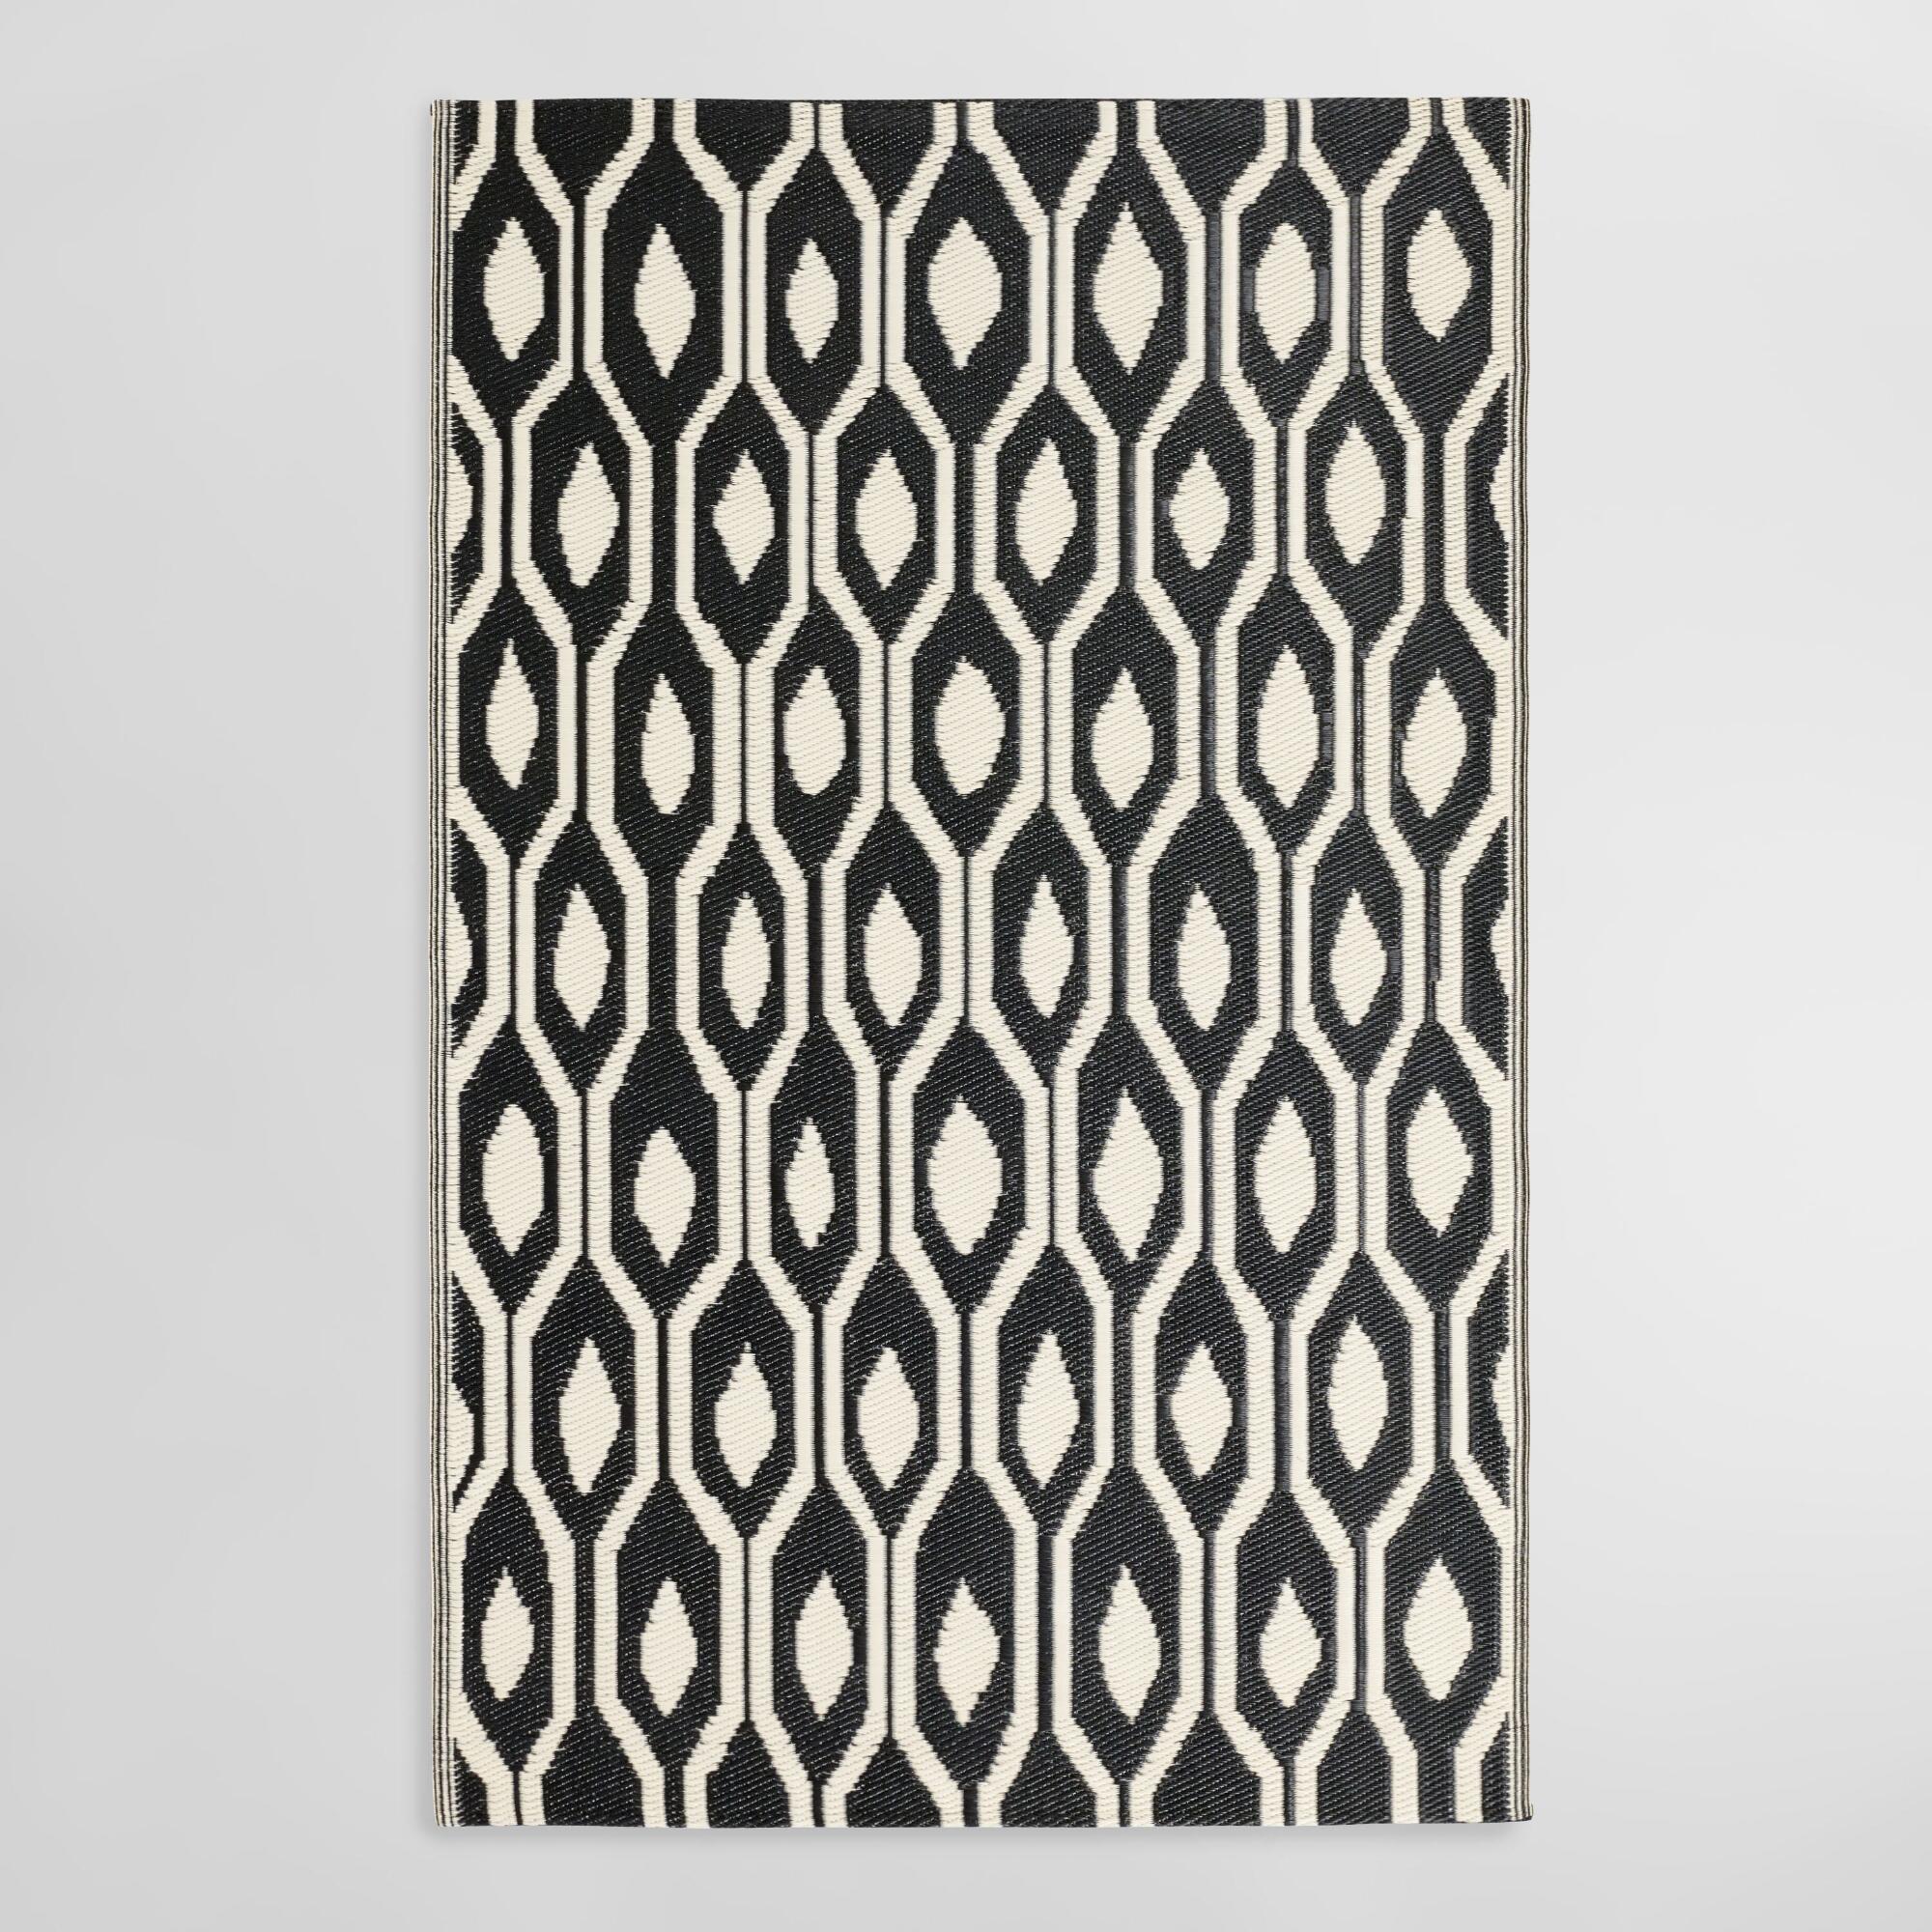 Black And Cream Reversible Indoor Outdoor Rio Floor Mat